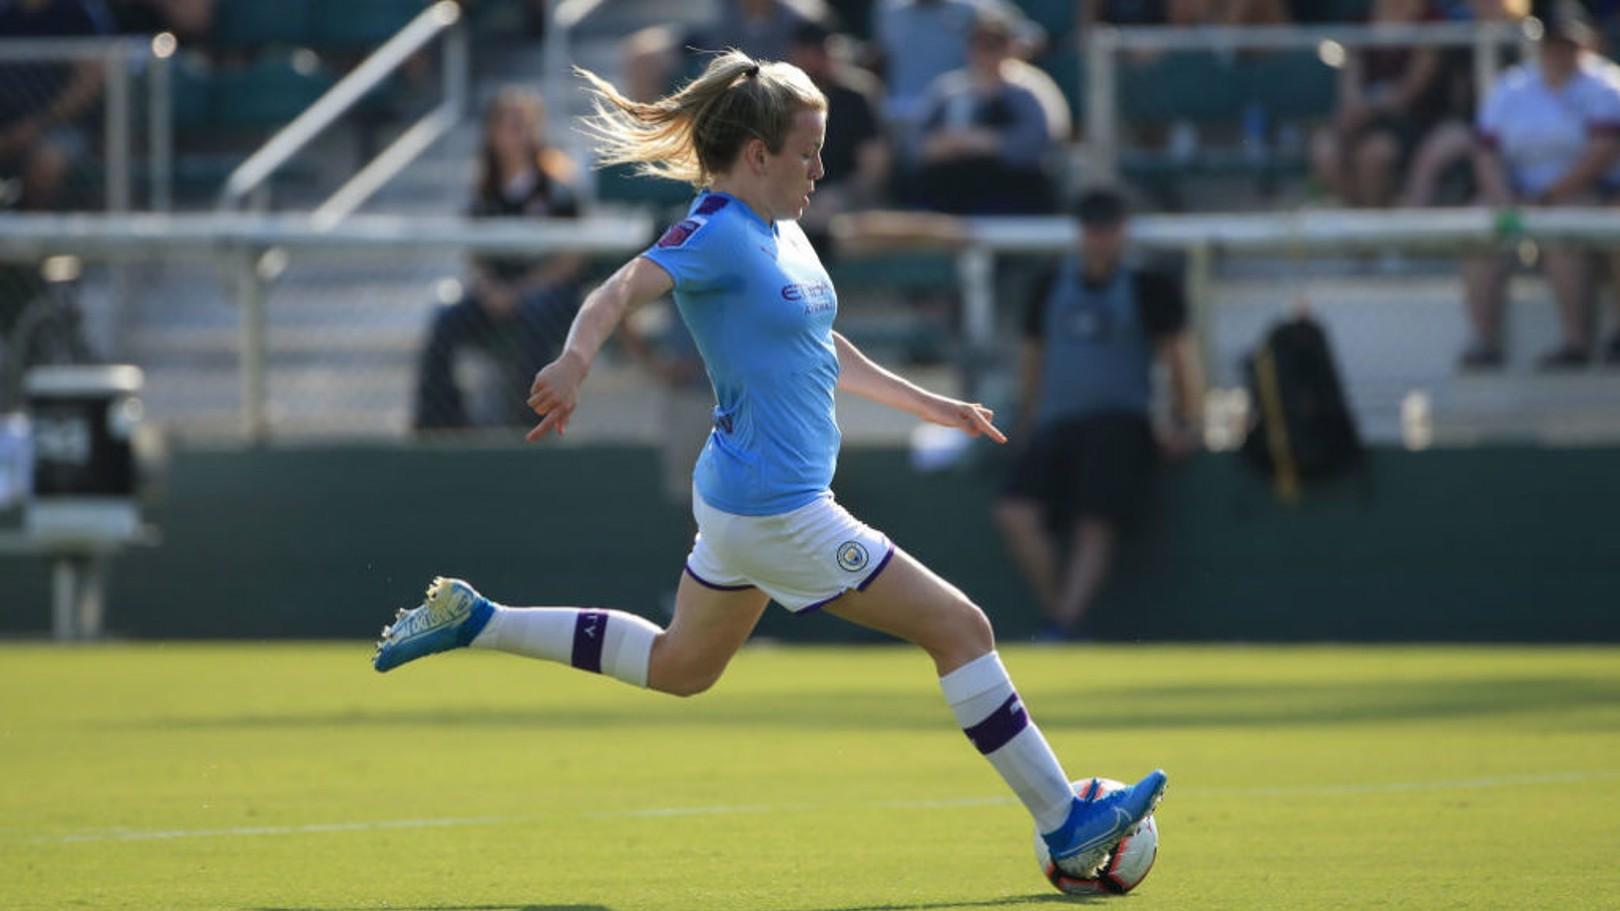 UPDATE: Lauren Hemp has suffered a shoulder injury in training